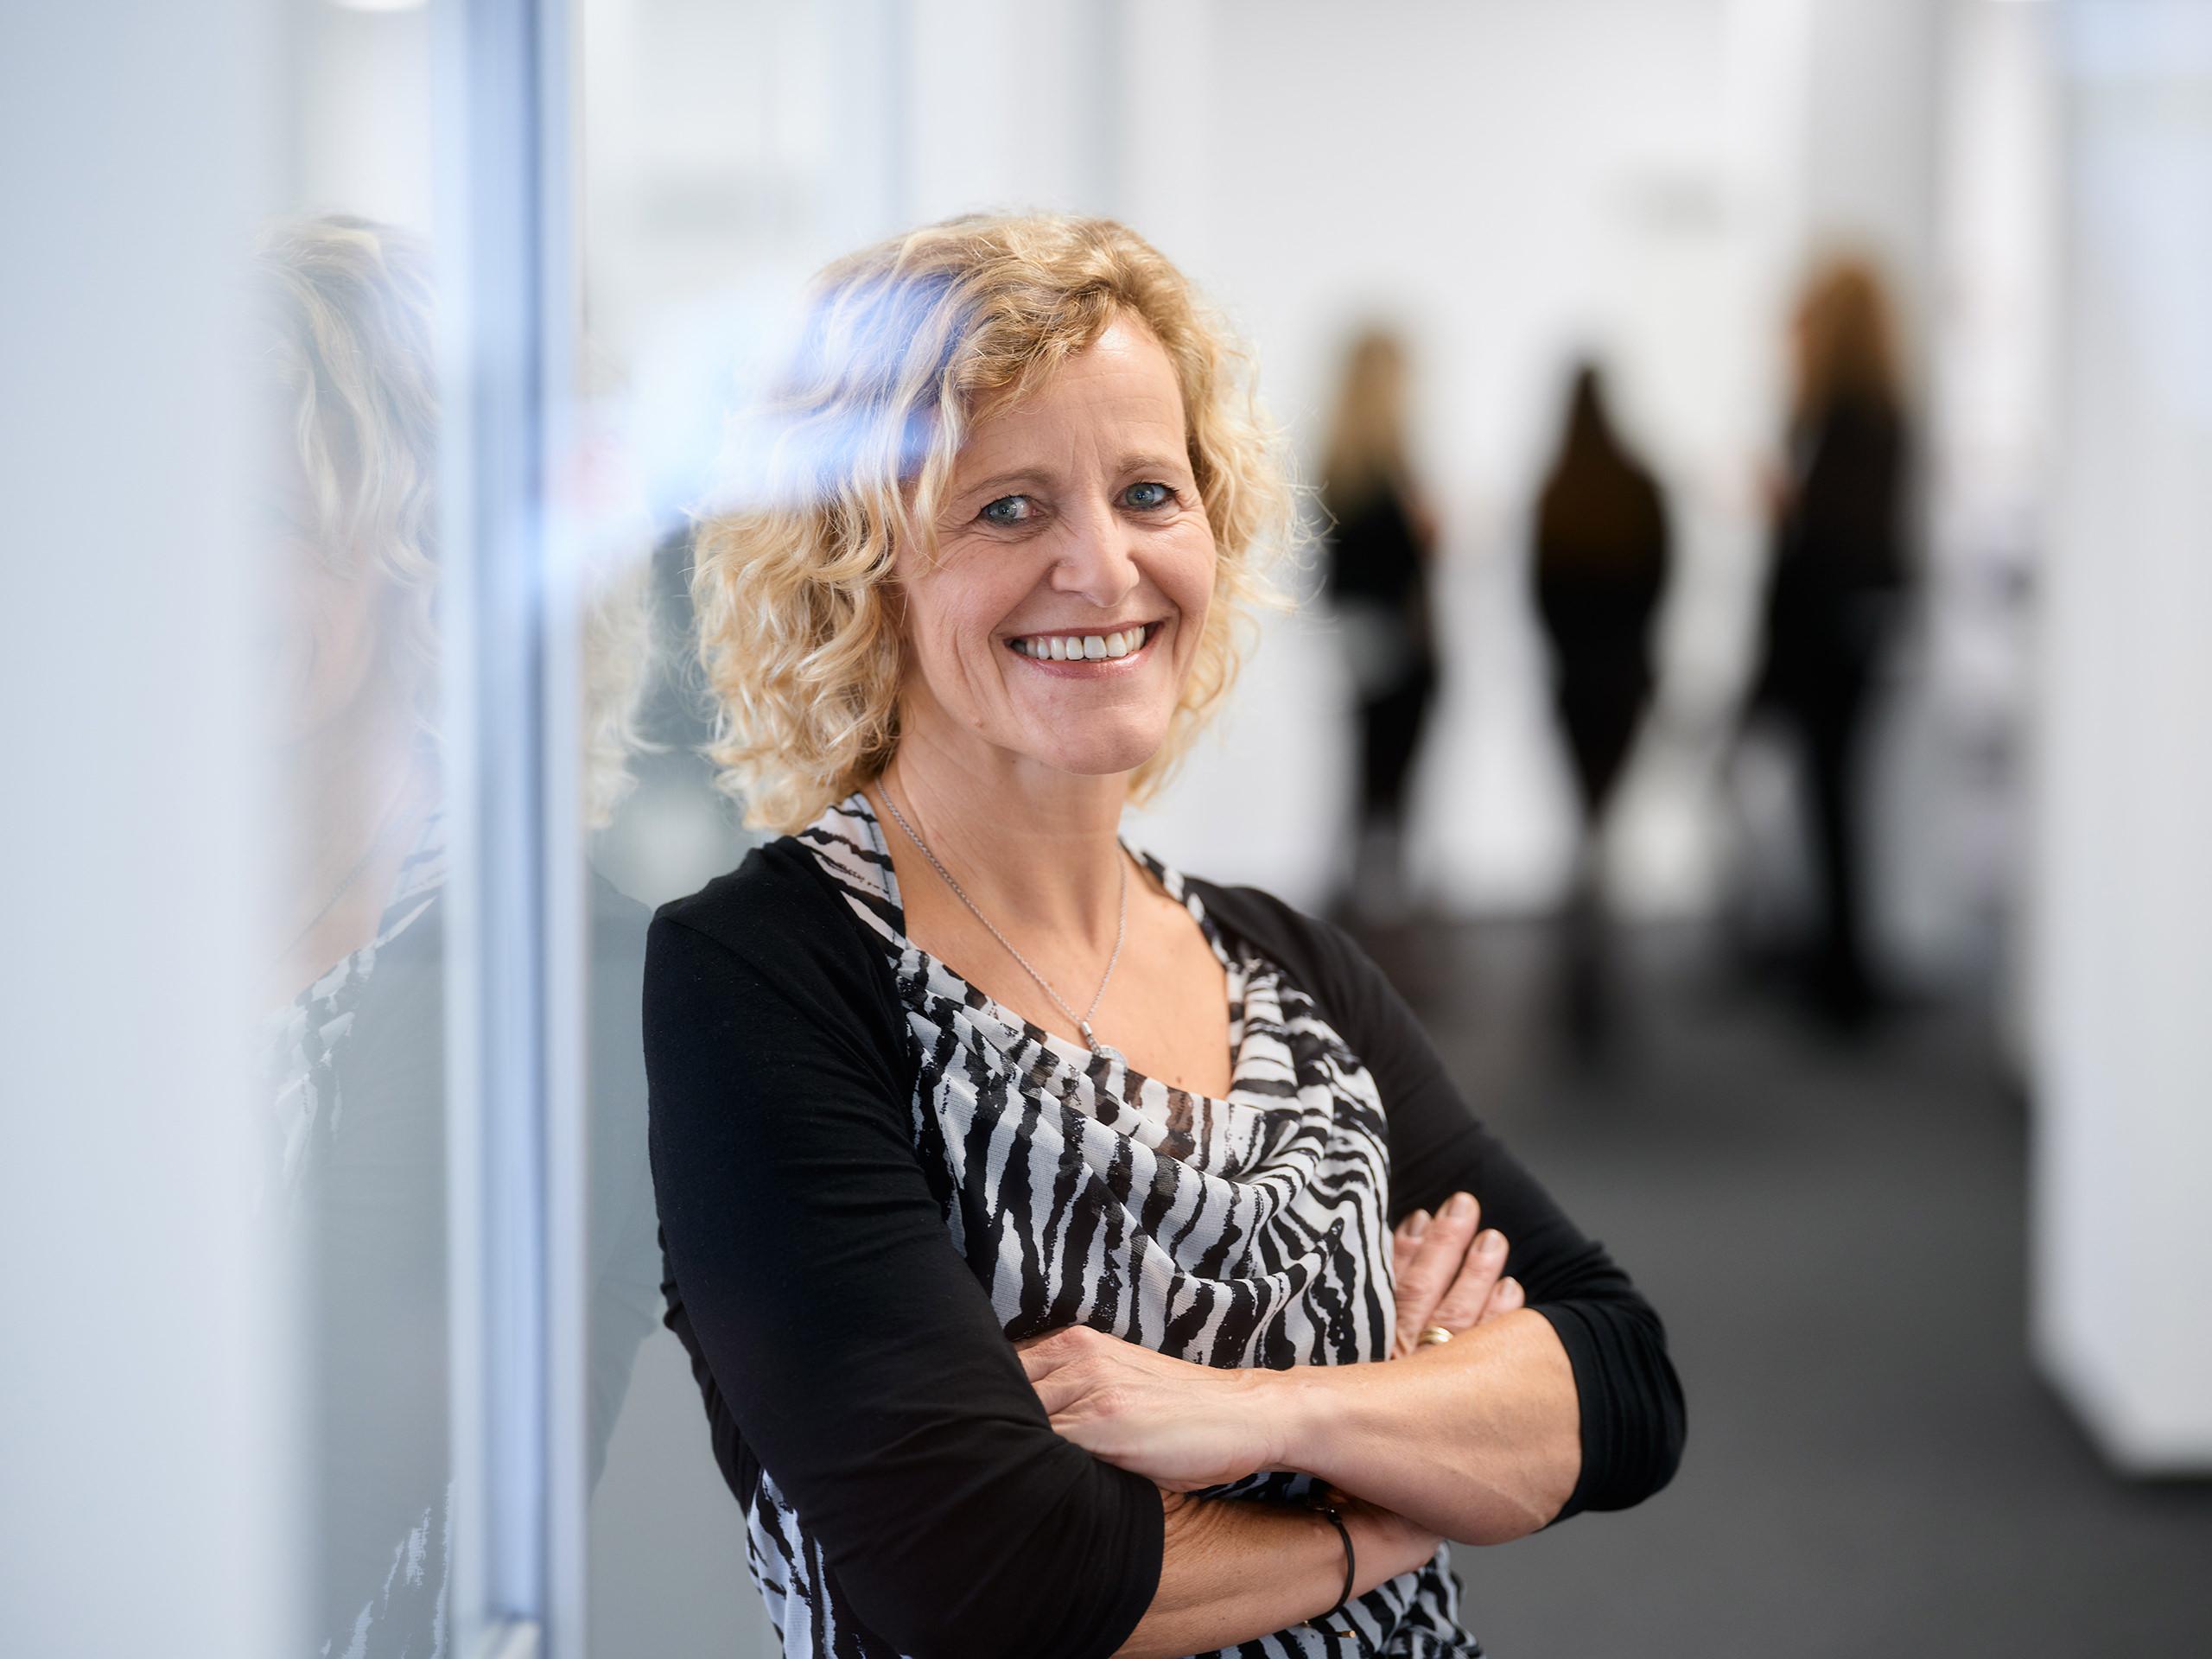 Gabriele Schöneich, Steuerfachangestellte Zertifizierte Fachkraft für die Einkommensteuererklärung (IFU/ISM)